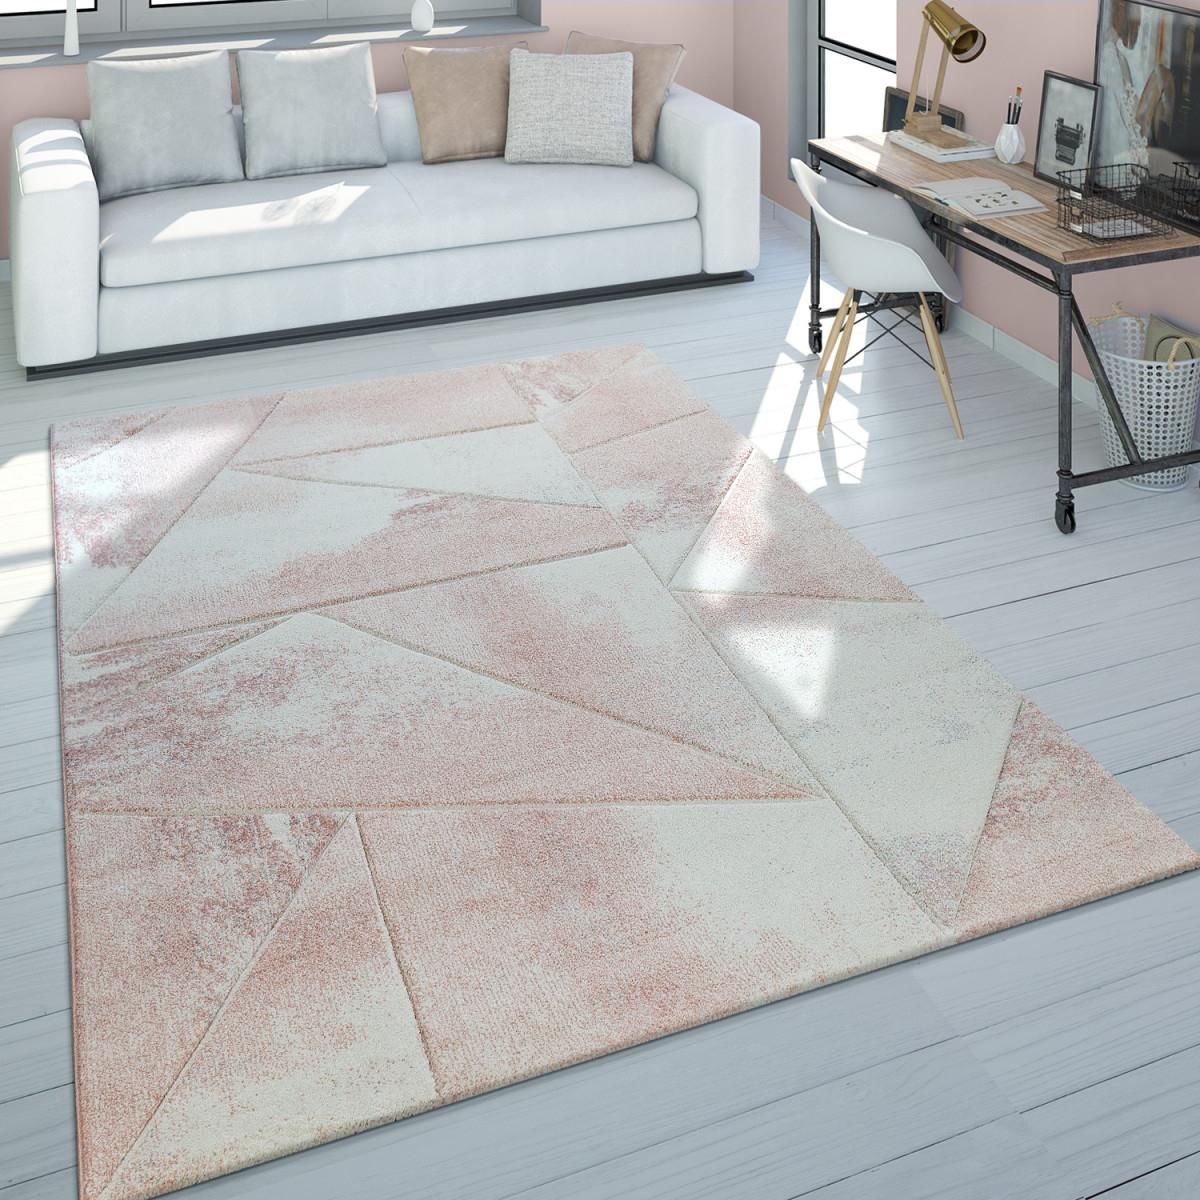 Details Zu Teppich Wohnzimmer Rosa Kurzflor Pastellfarben Marmor Design  Meliert 3D Muster von Wohnzimmer Teppich Rosa Bild